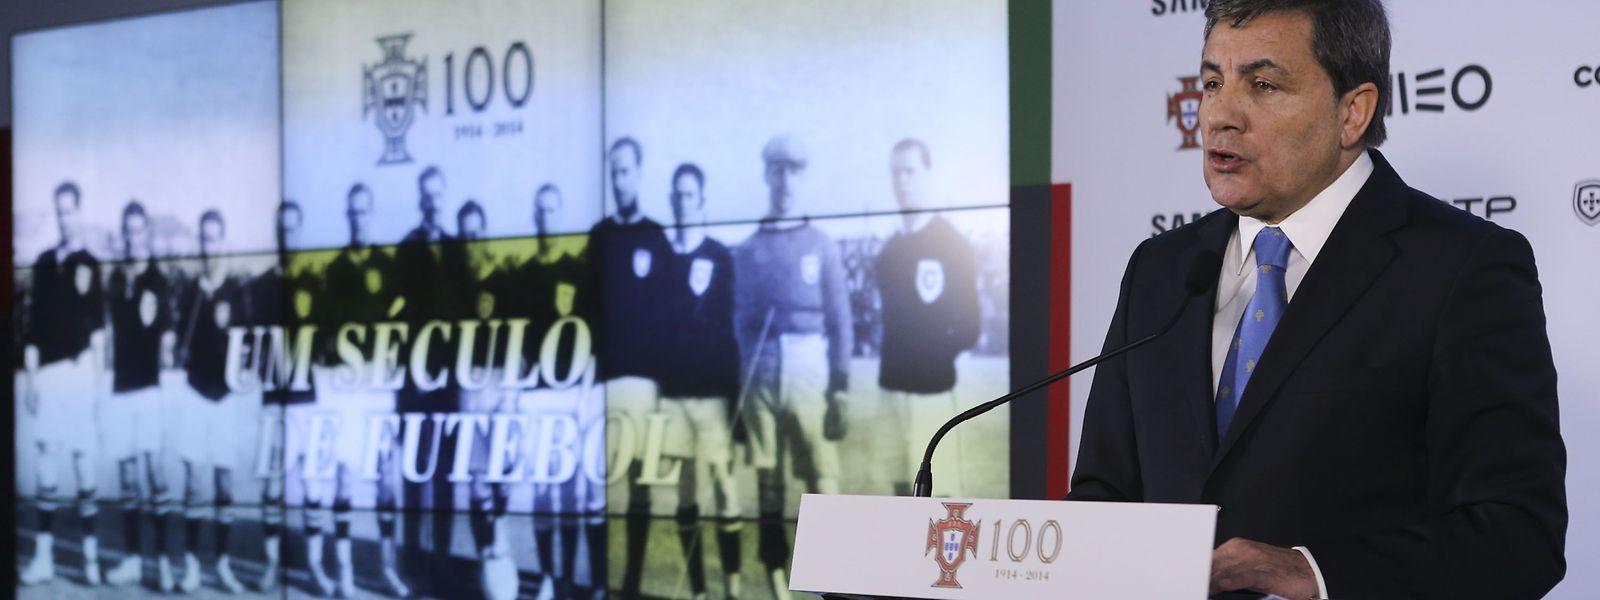 Fernando Gomes, que foi cooptado para o Comité Executivo em 2013 e eleito dois anos depois, é o quarto português no órgão de cúpula da UEFA e será, no final do mandato, o que mais tempo terá permanecido no cargo, que também já foi ocupado por Cazal-Ribeiro (1968), Silva Resende (1984) e Gilberto Madaíl (2007).